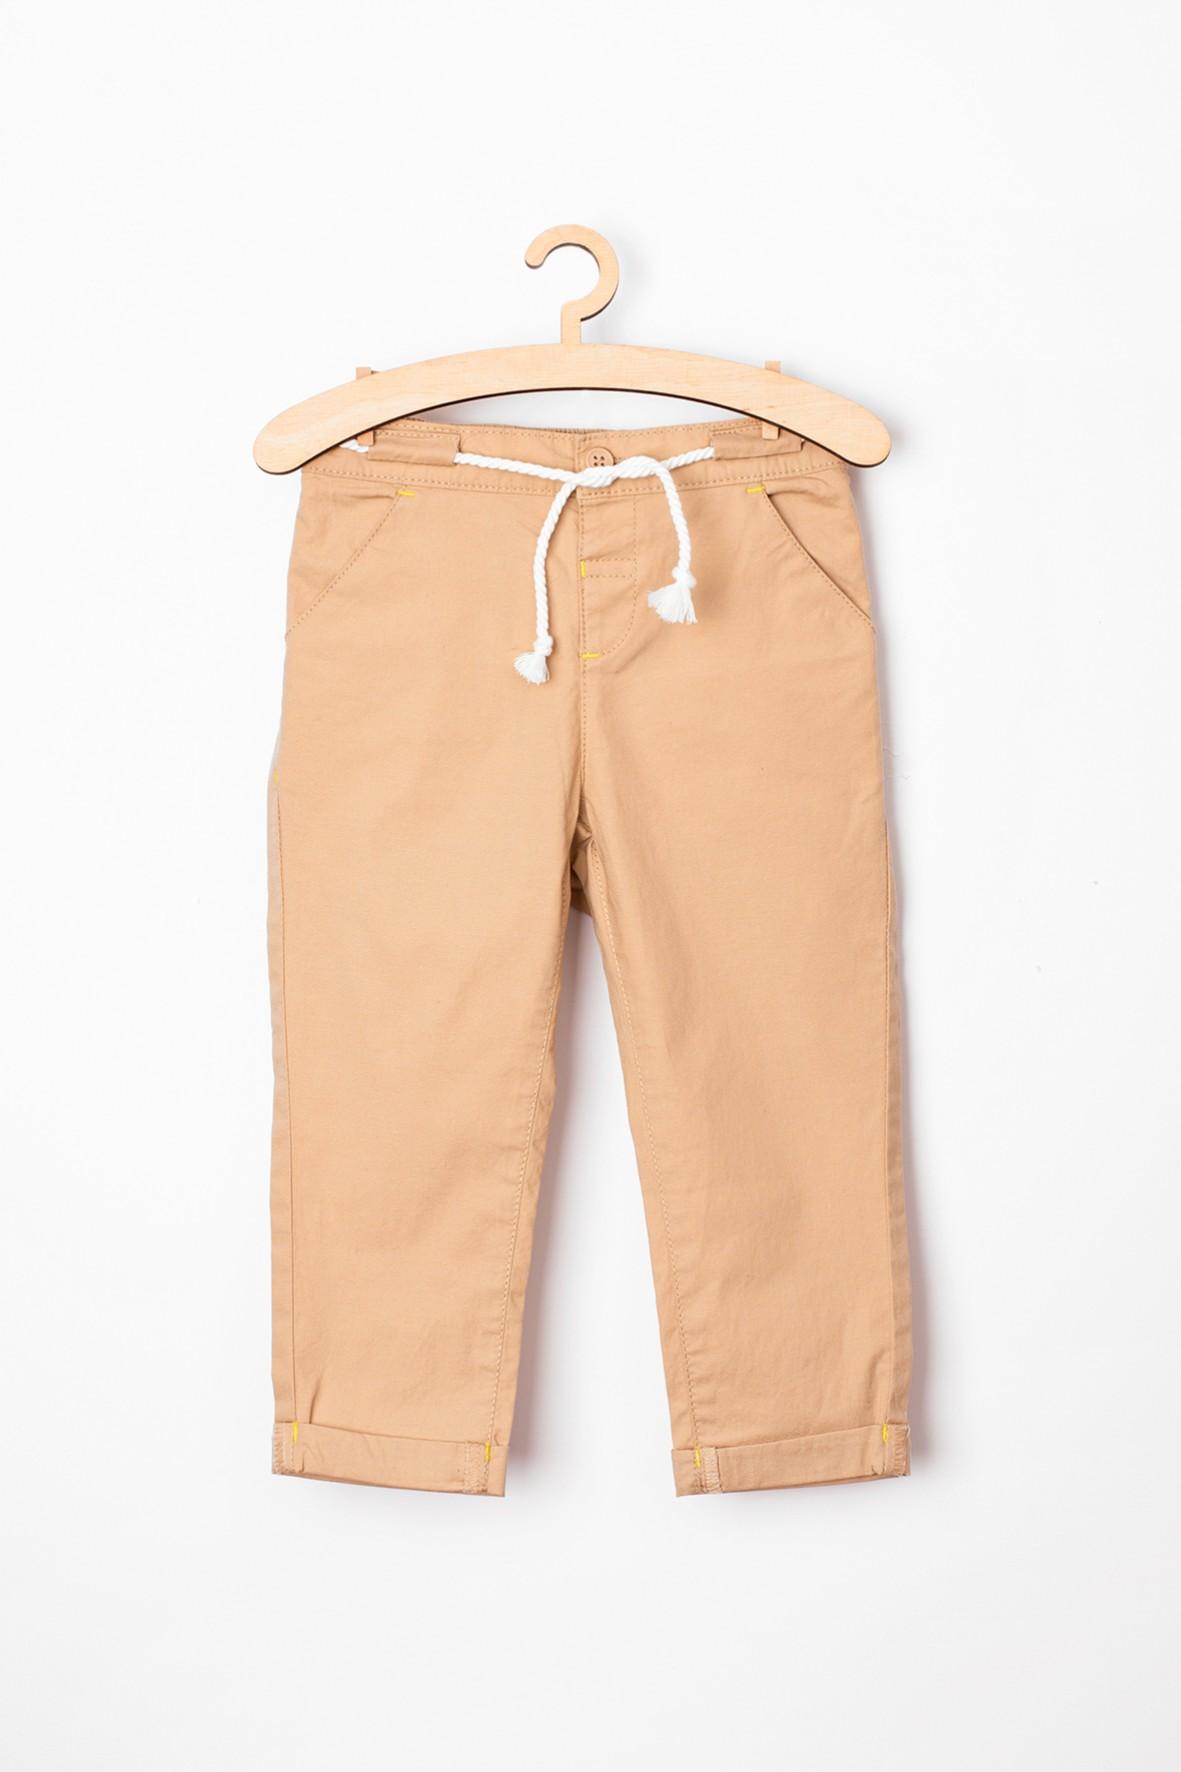 Spodnie dla chłopca - chinosy